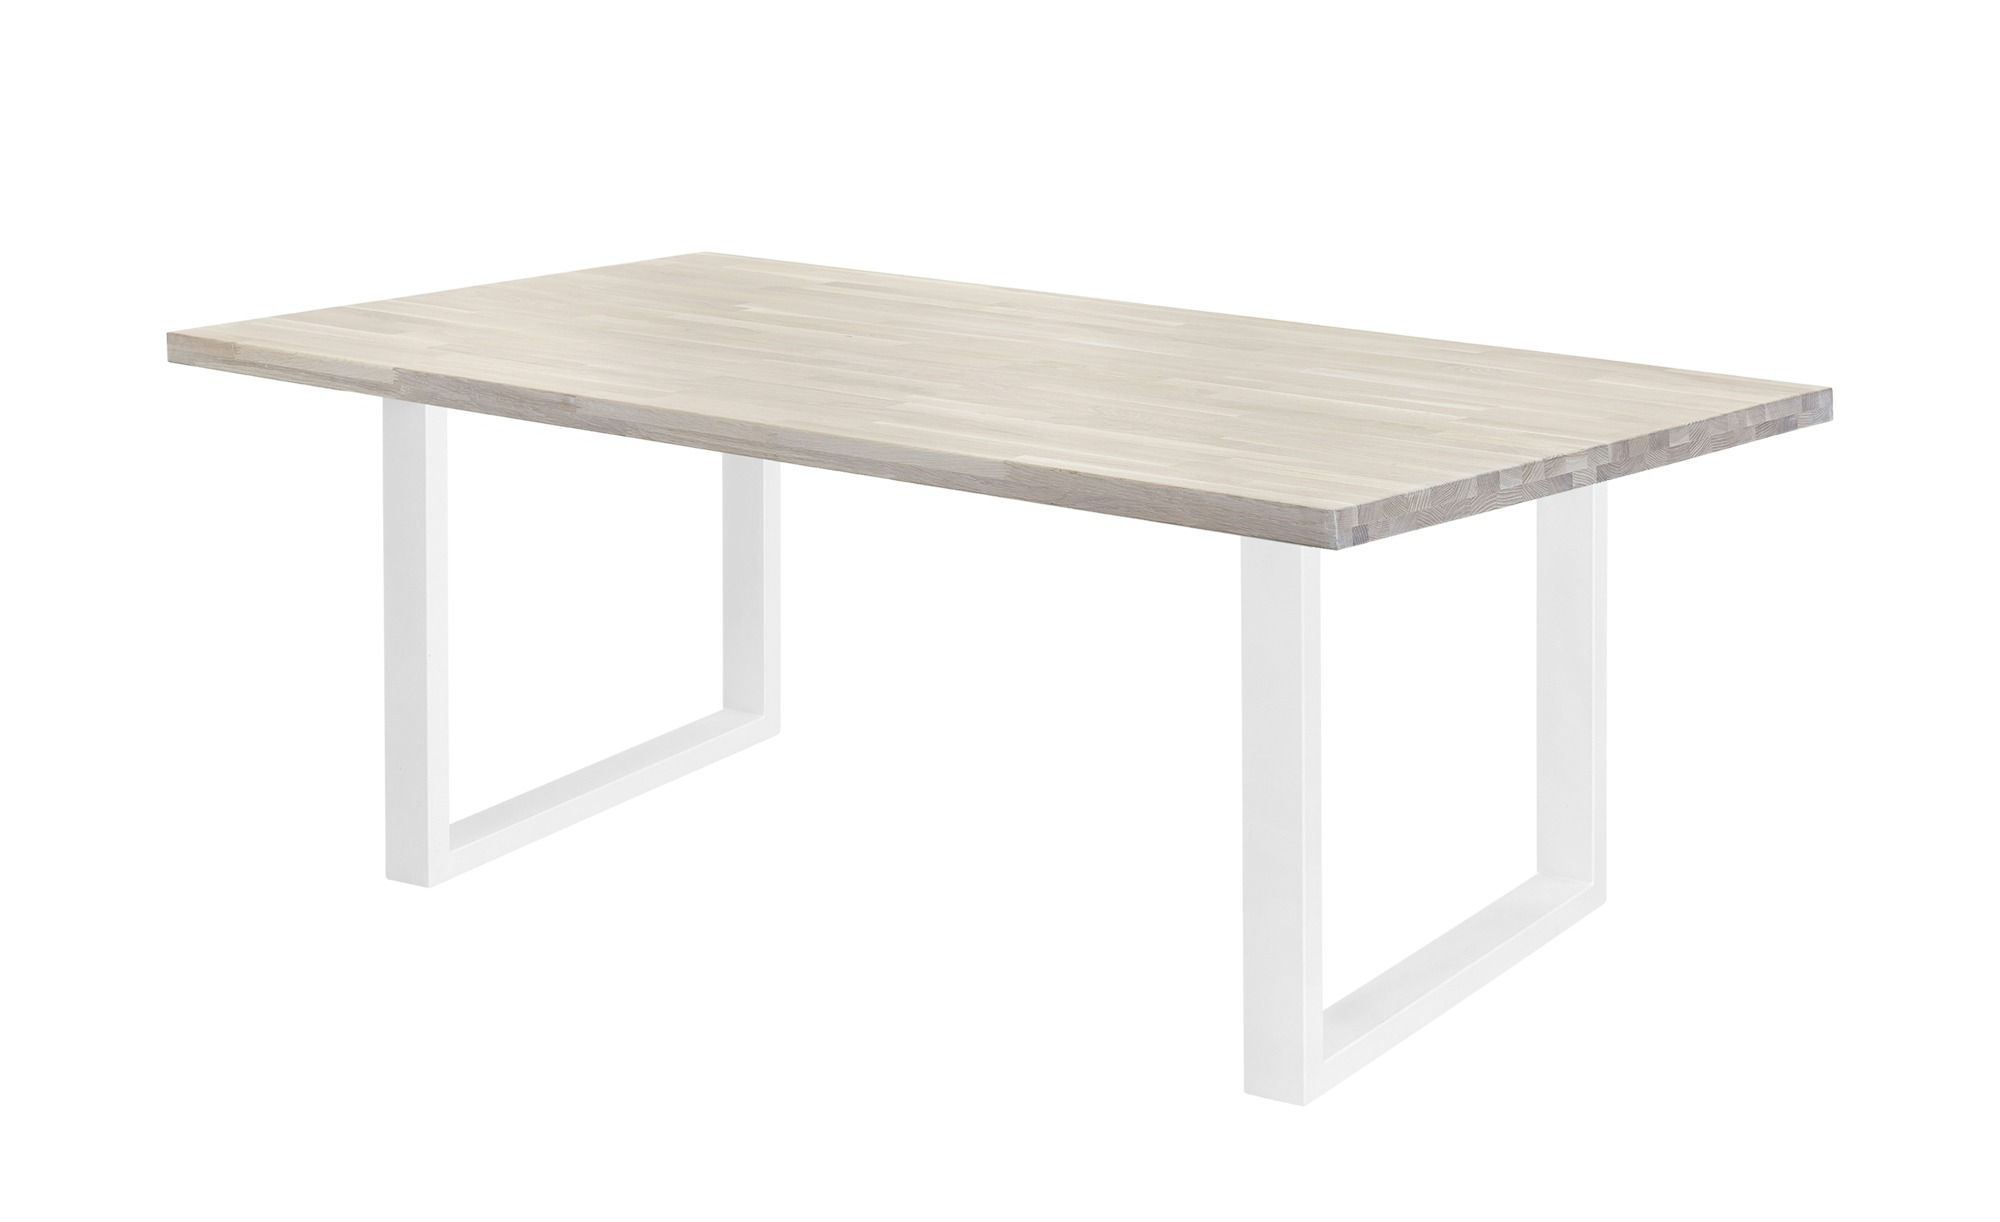 Tischgestell Tuxa Massiv Gefunden Bei Mobel Hoffner Gartenmobel Tisch Tischgestell Tisch